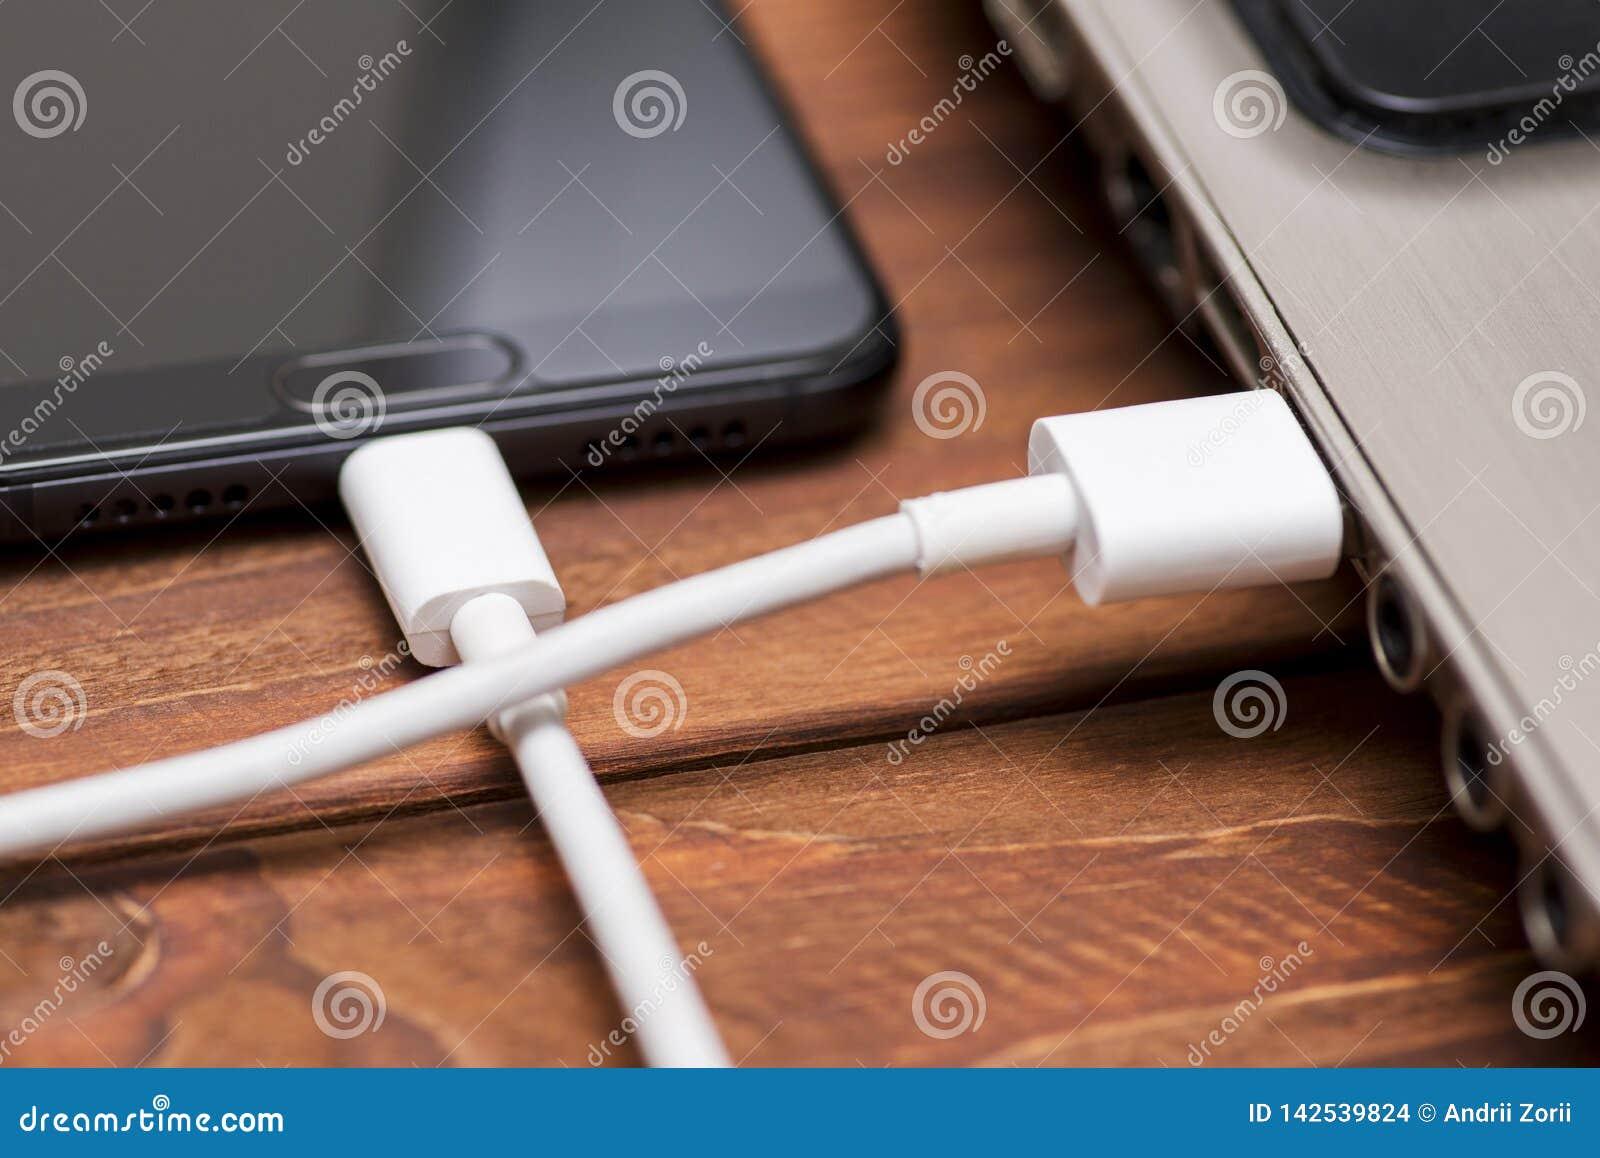 Τηλέφωνο που συνδέεται κινητό με το lap-top Ένα καλώδιο USB συνδέει το τηλέφωνο και το lap-top στον ξύλινο πίνακα Έξυπνο τηλέφωνο